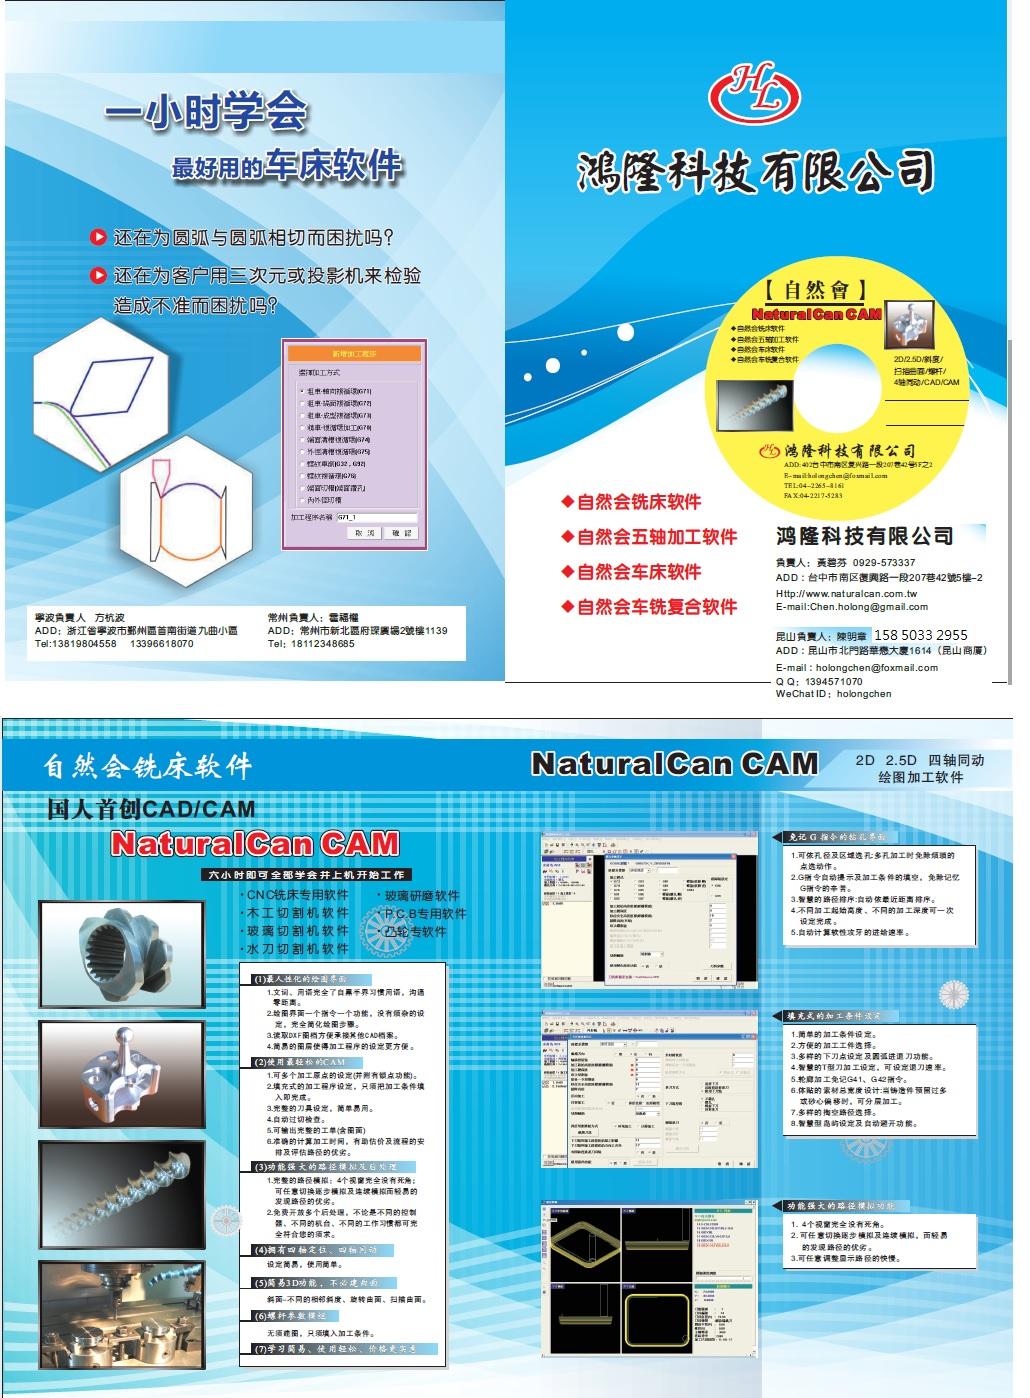 鴻隆科技有限公司